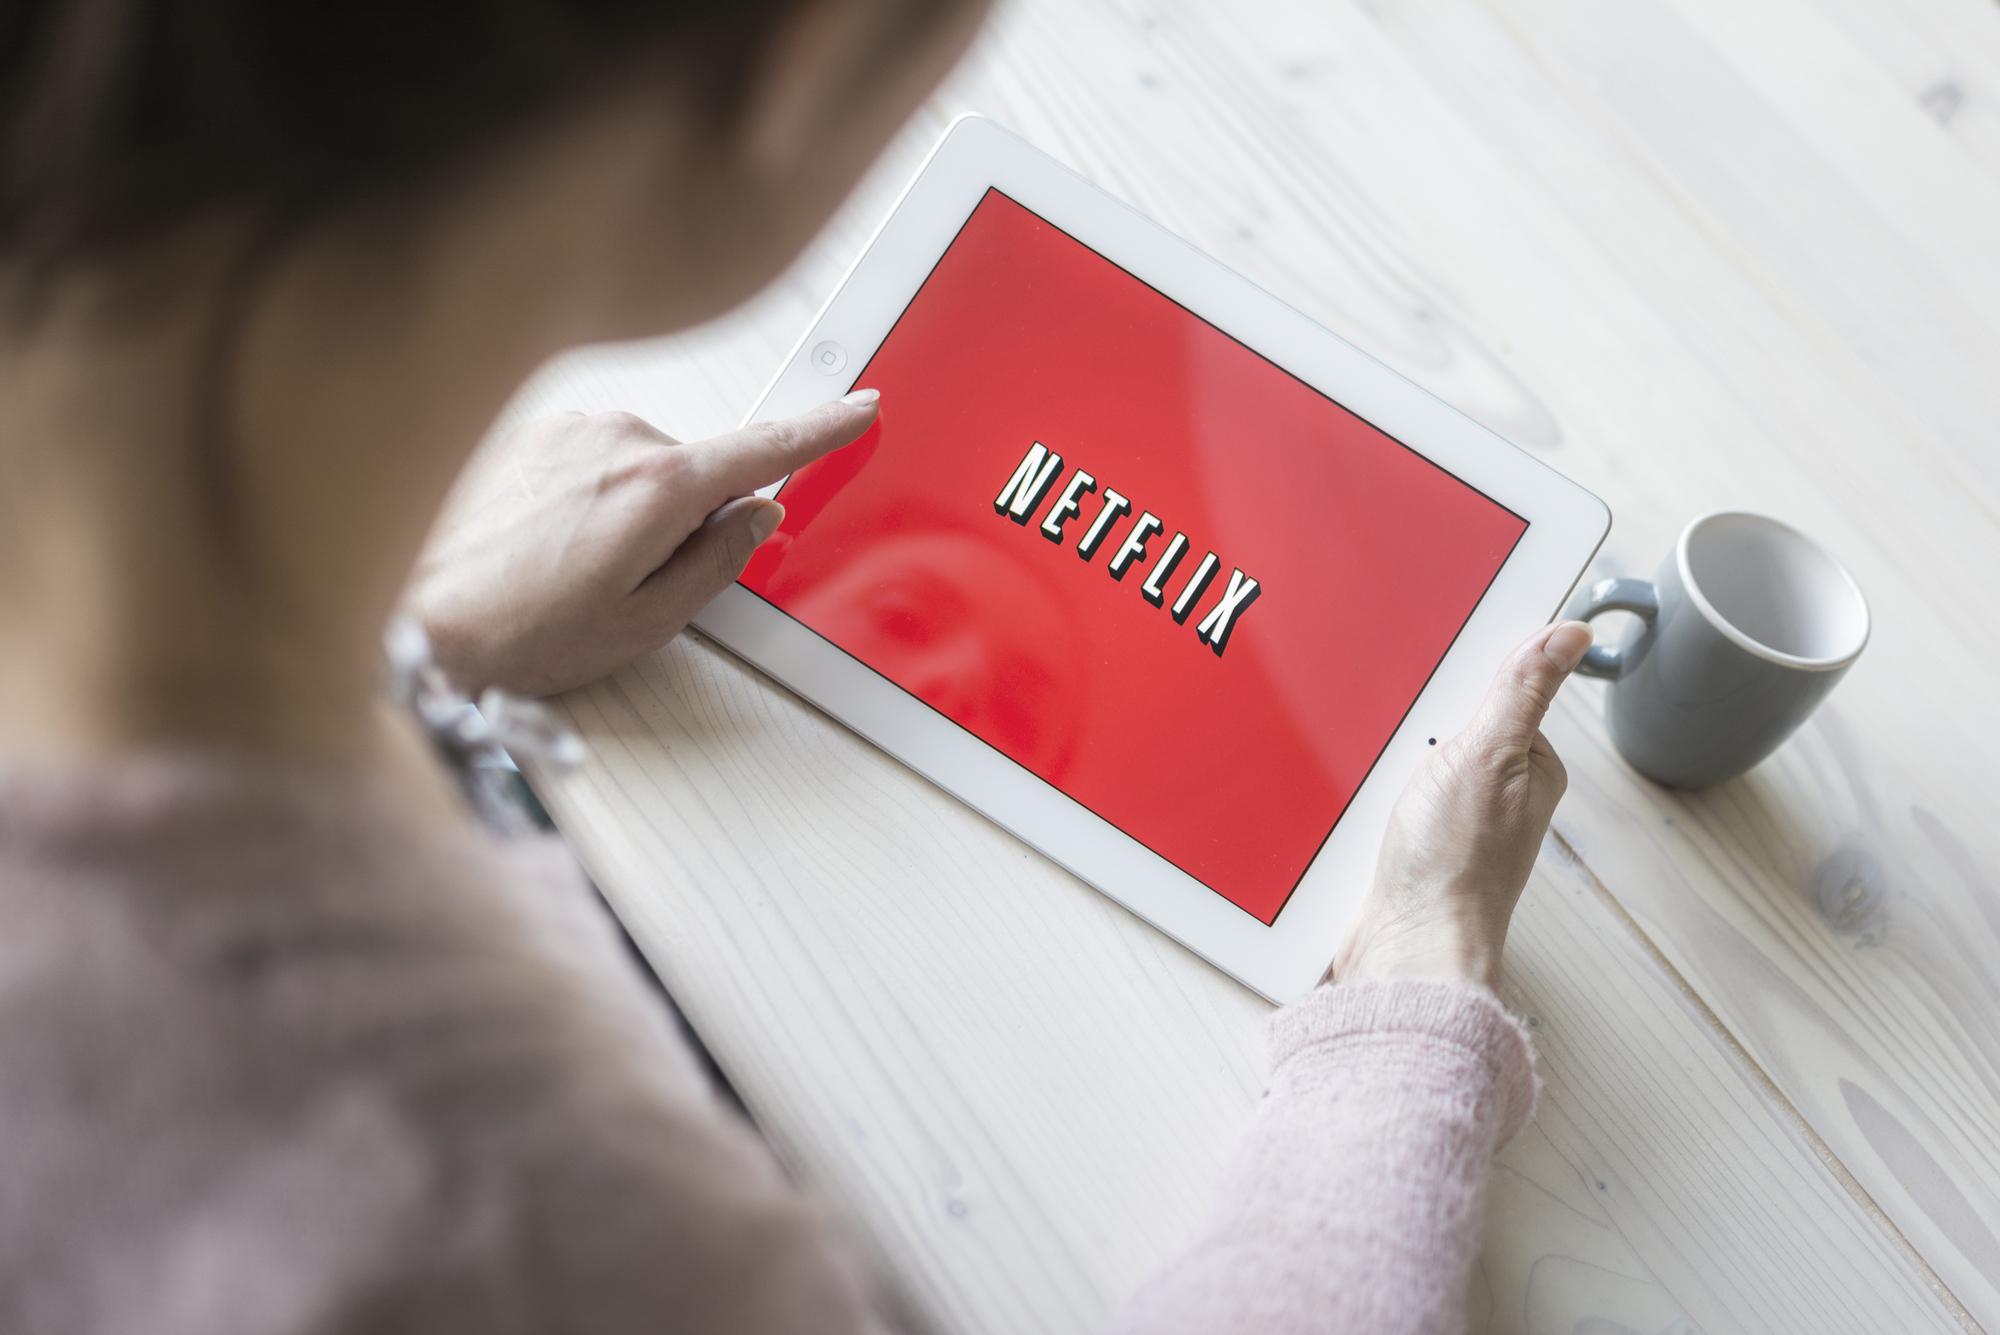 Netflix стоит почти $165 млрд, это больше, чем Disney: 3 урока из истории компании